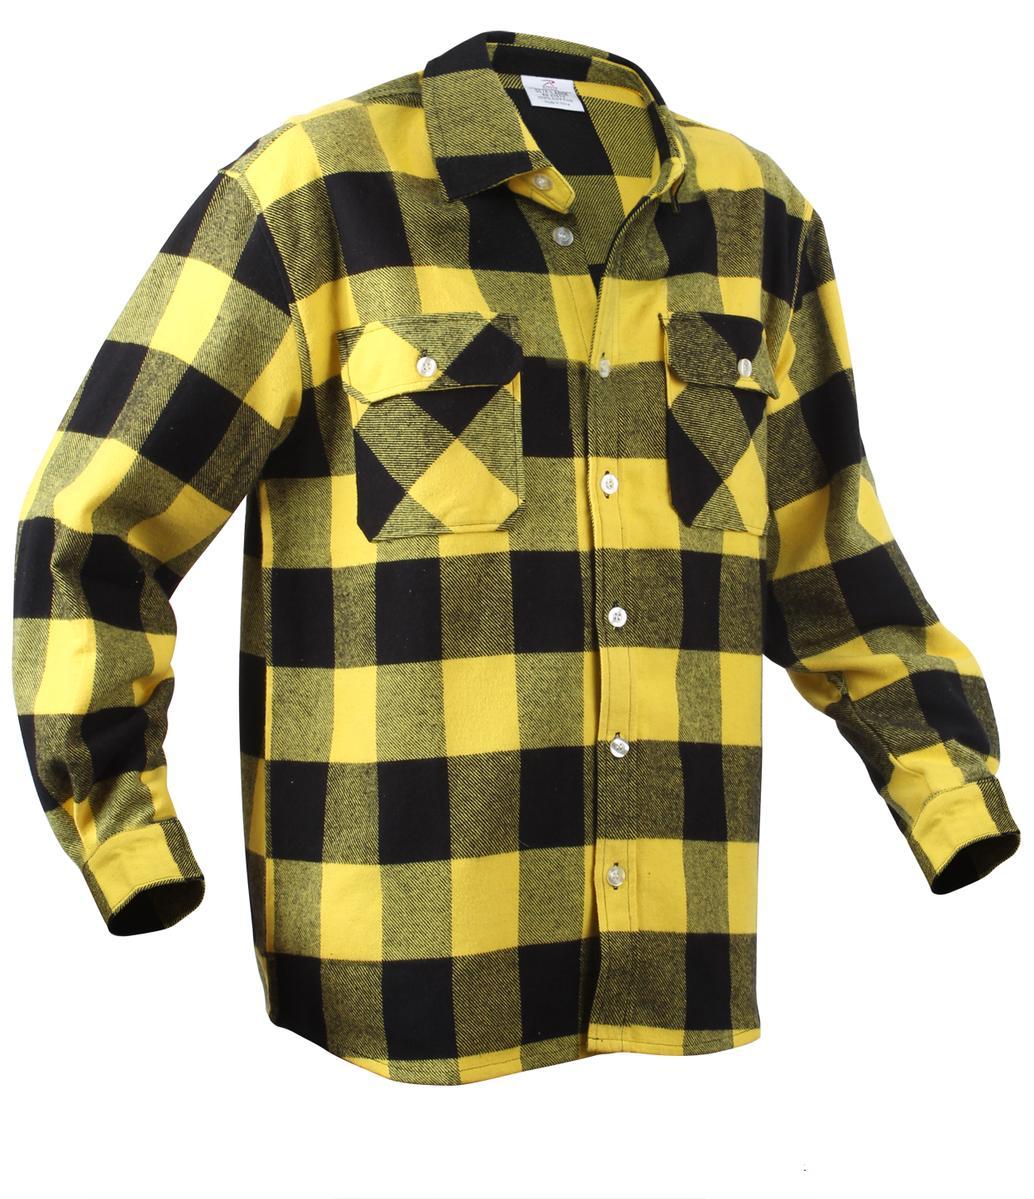 Extra Heavyweight Brawny Flannel Shirt, Buffalo Plaid | eBay